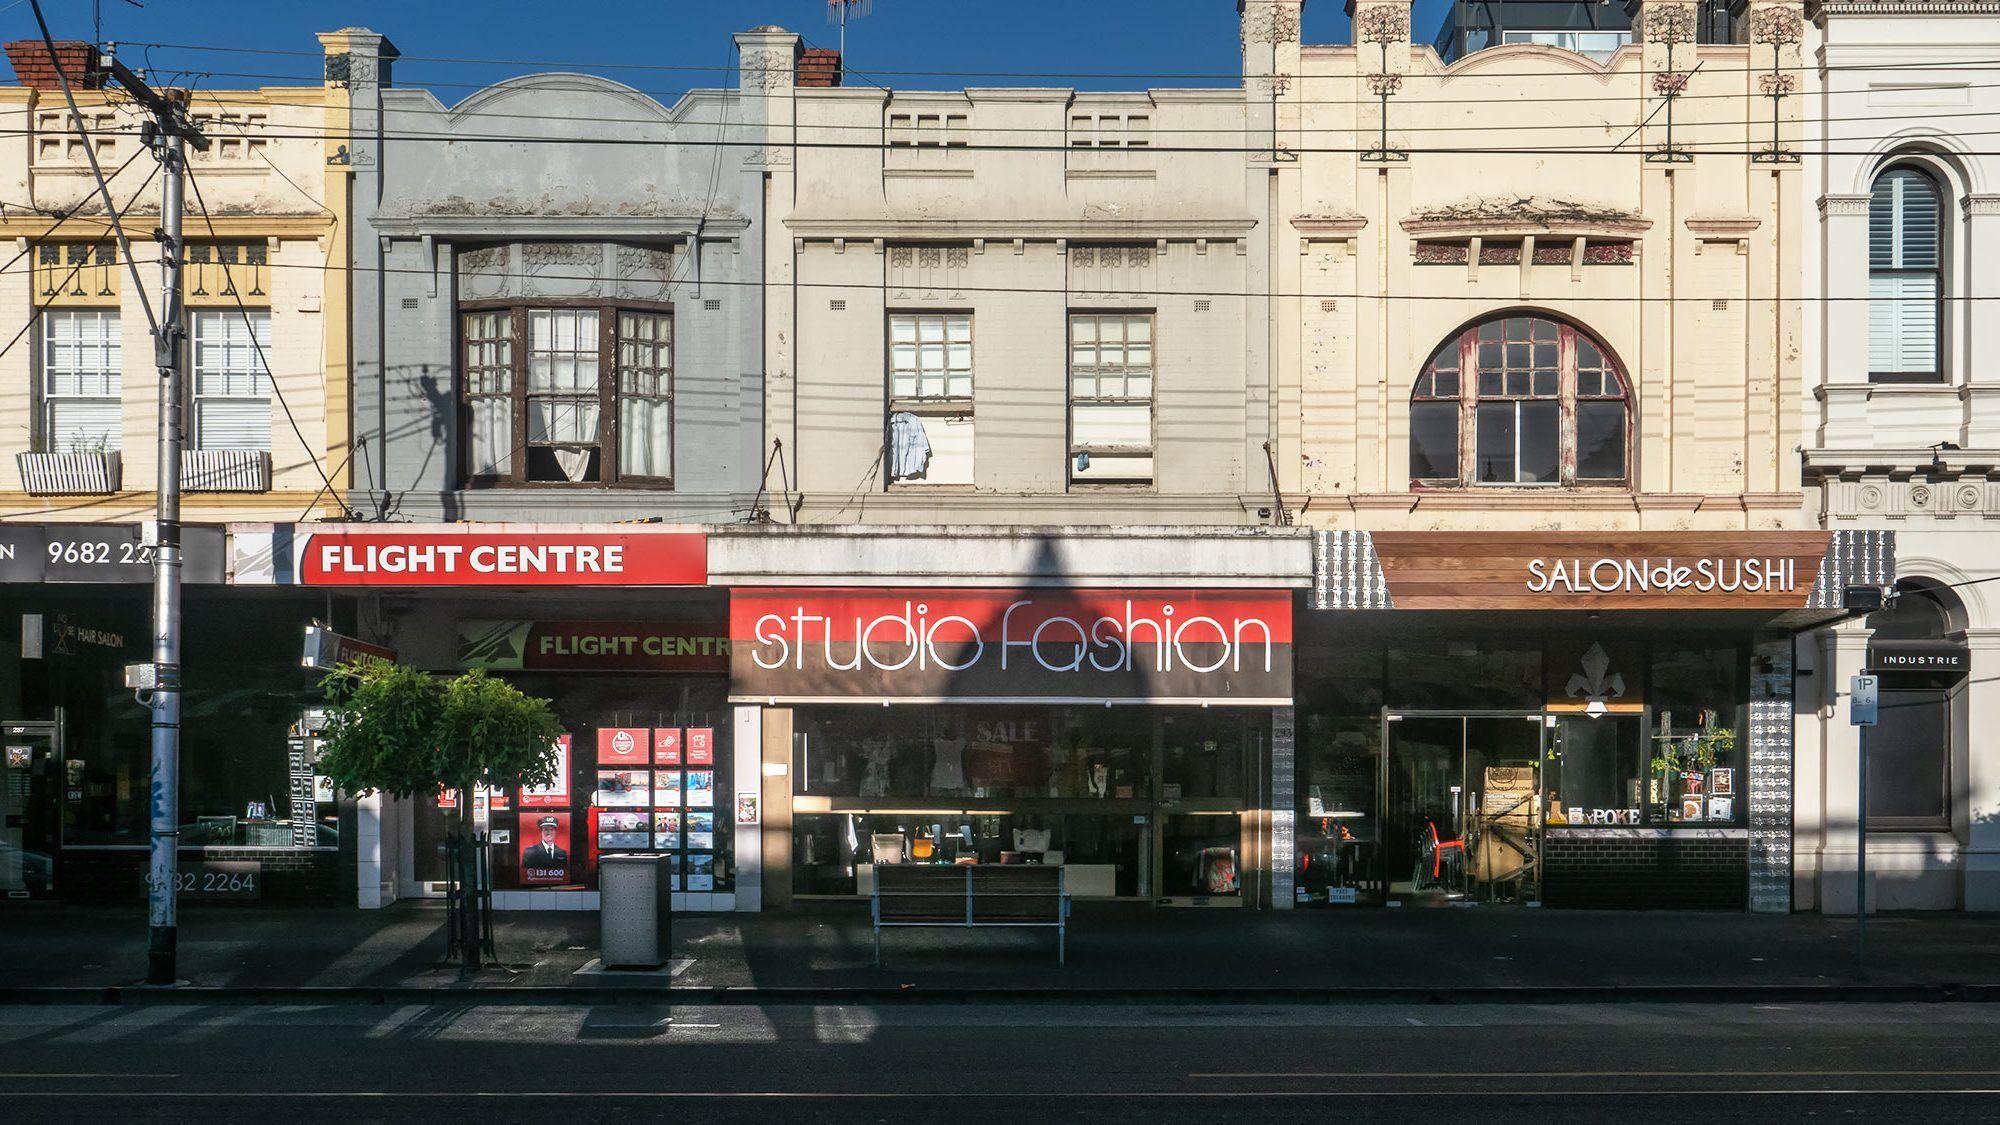 clarendon street facades